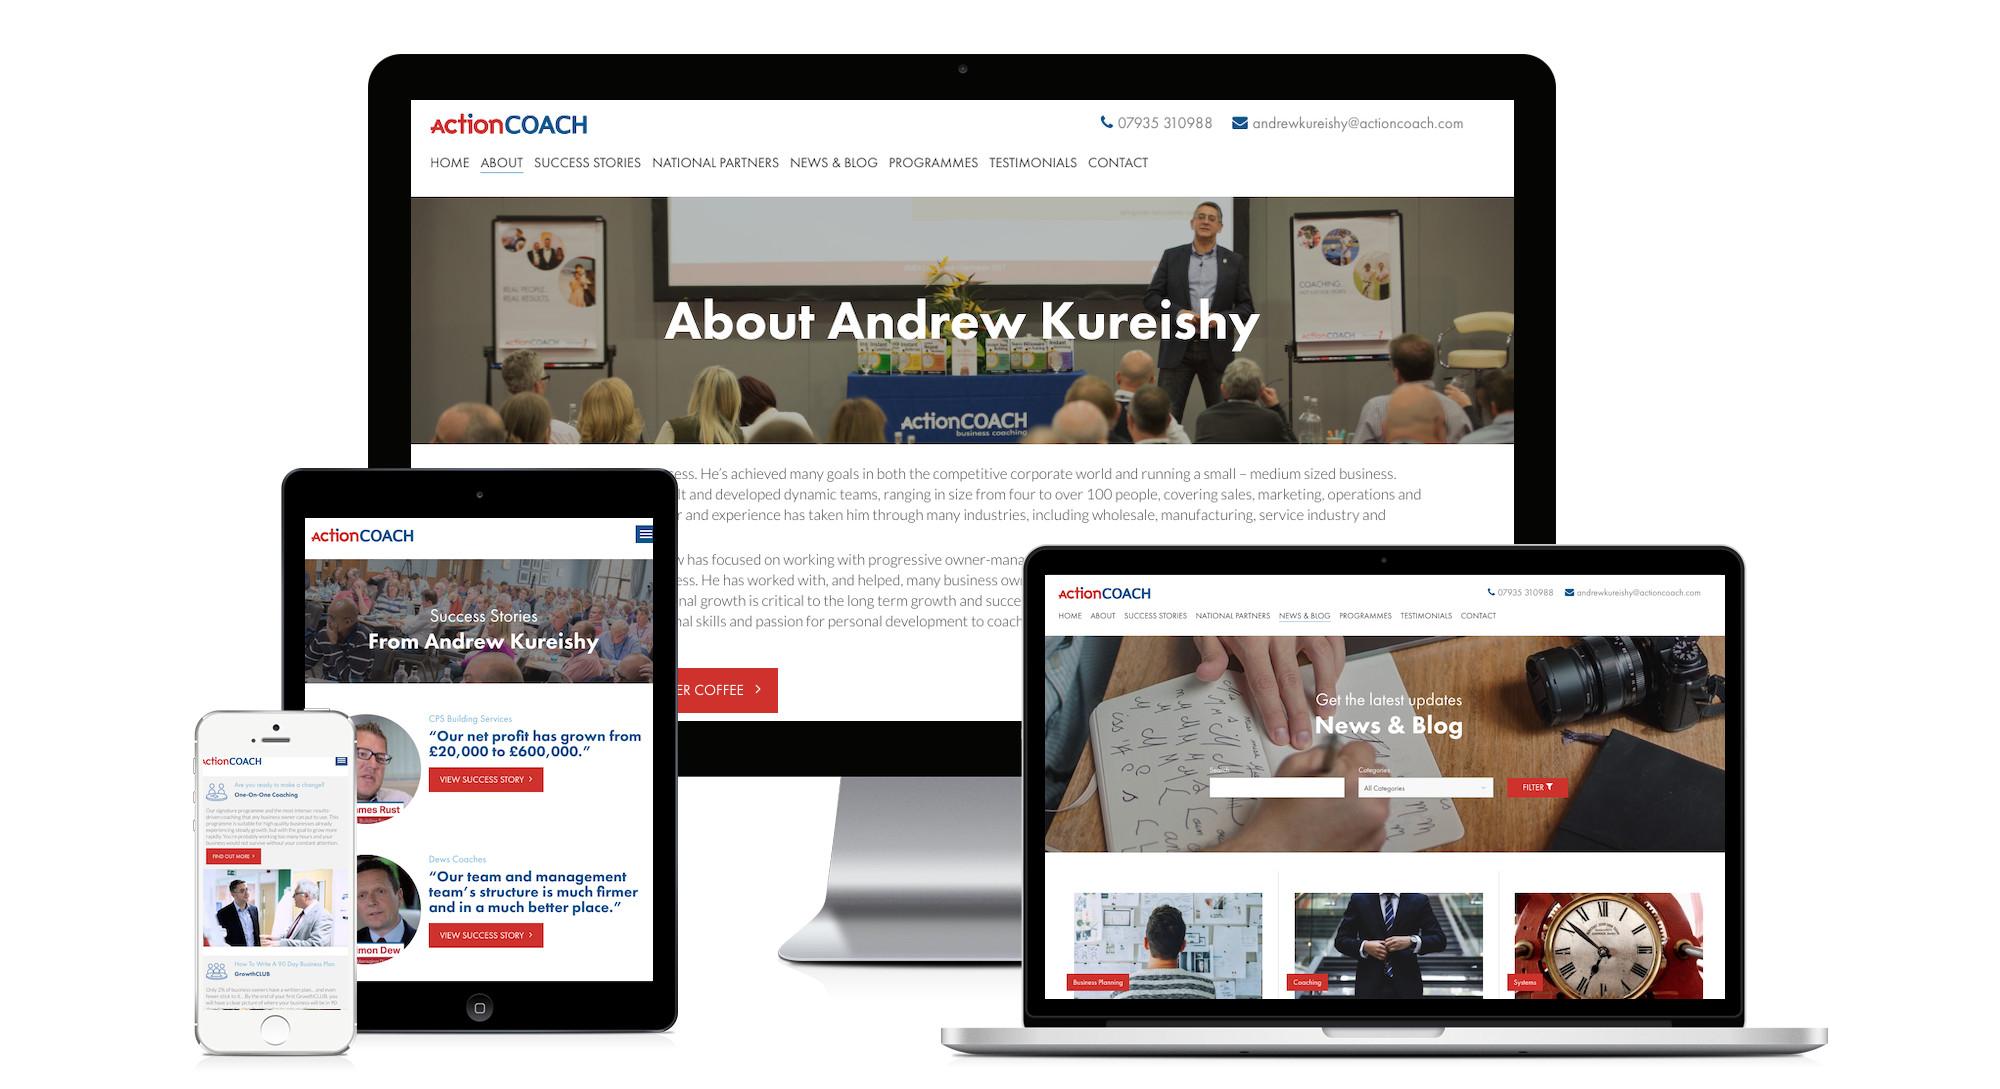 andrew kureishy website